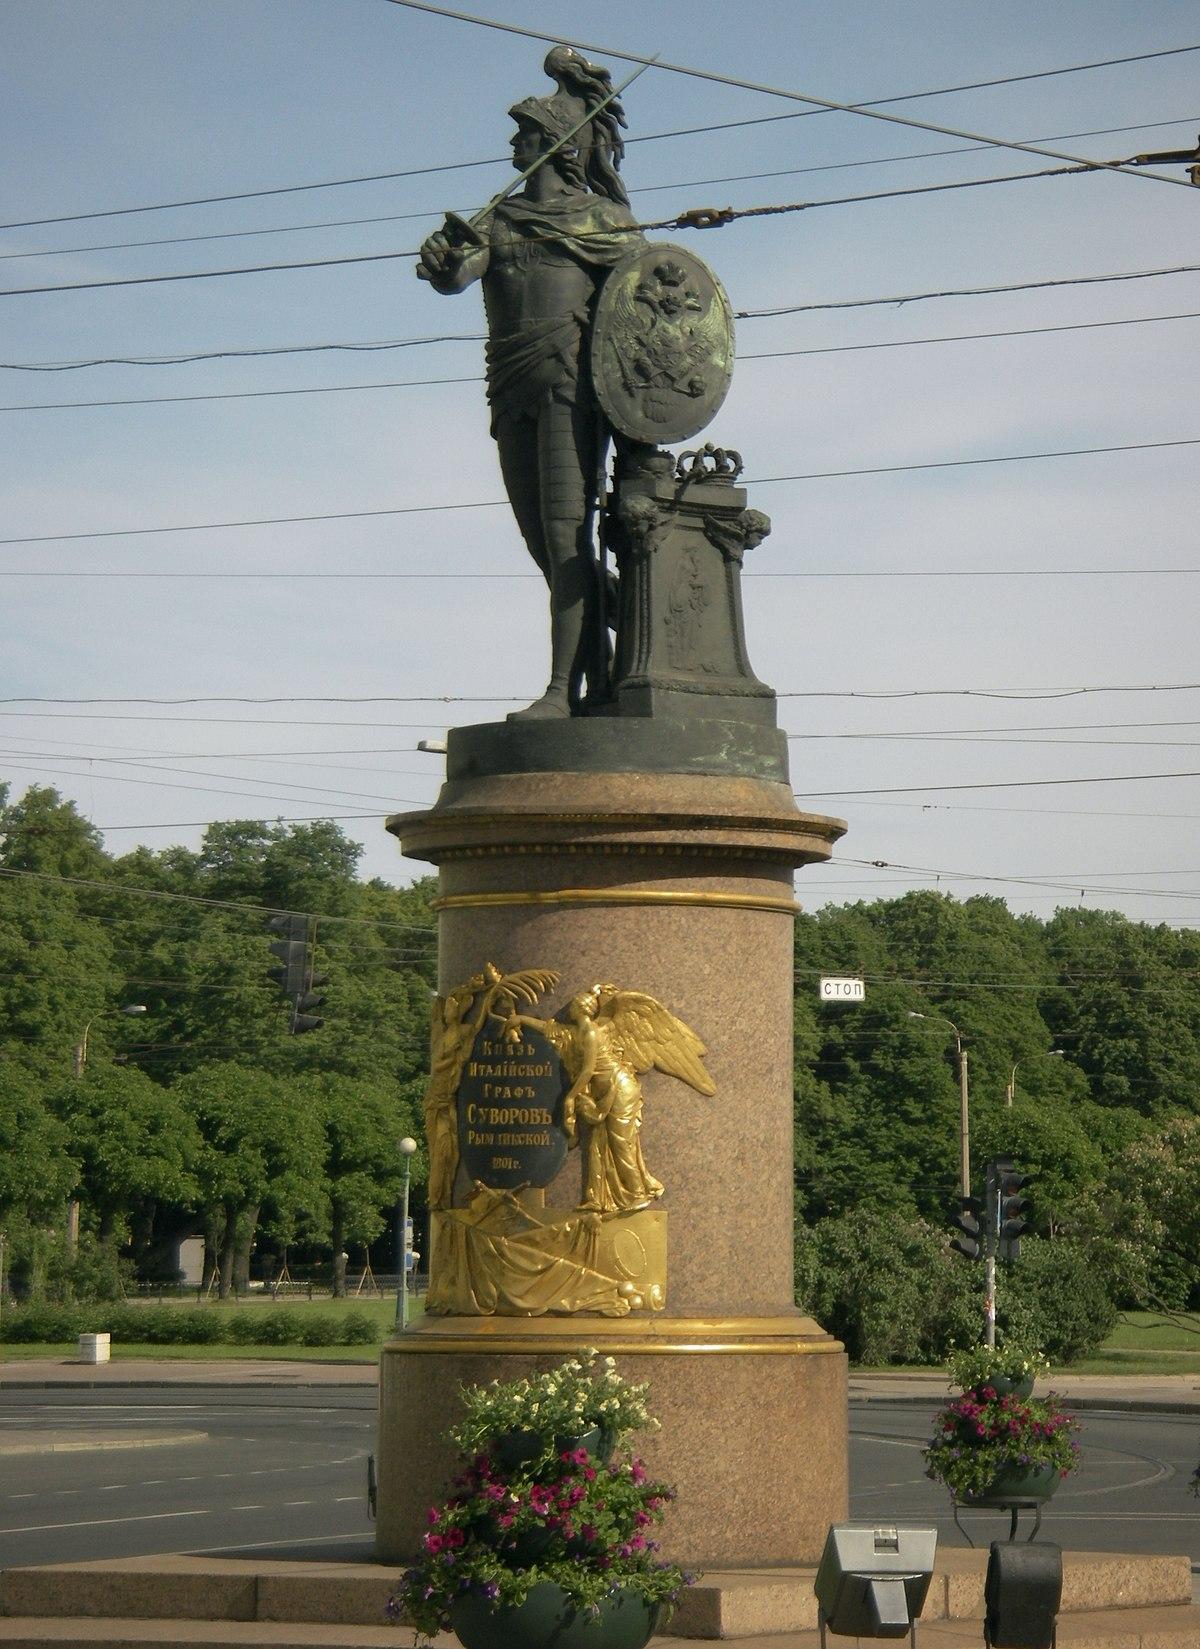 Российские порновидео на памятниках питера